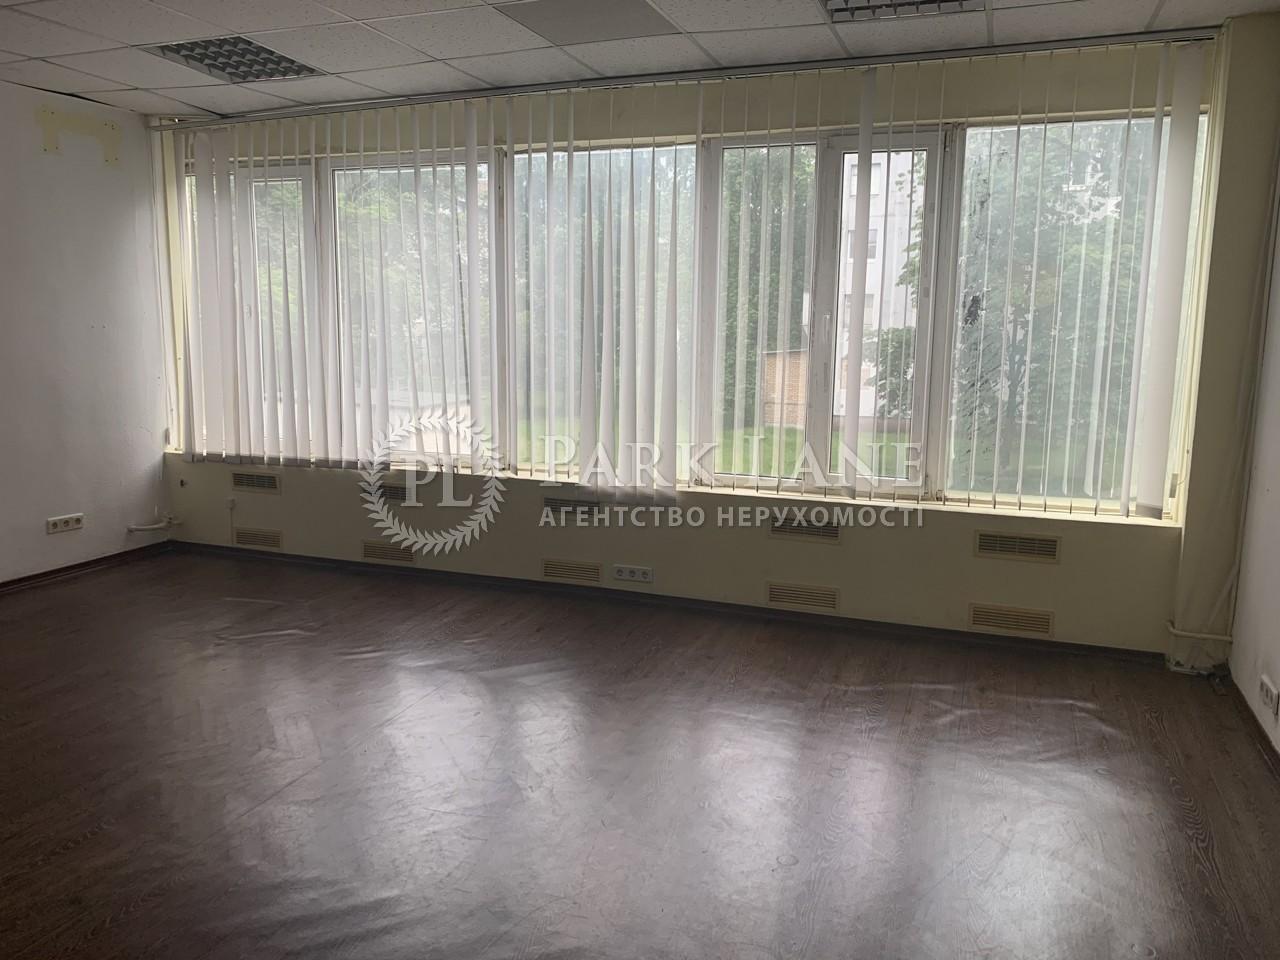 Нежилое помещение, ул. Запорожца Петра, Киев, R-33808 - Фото 2